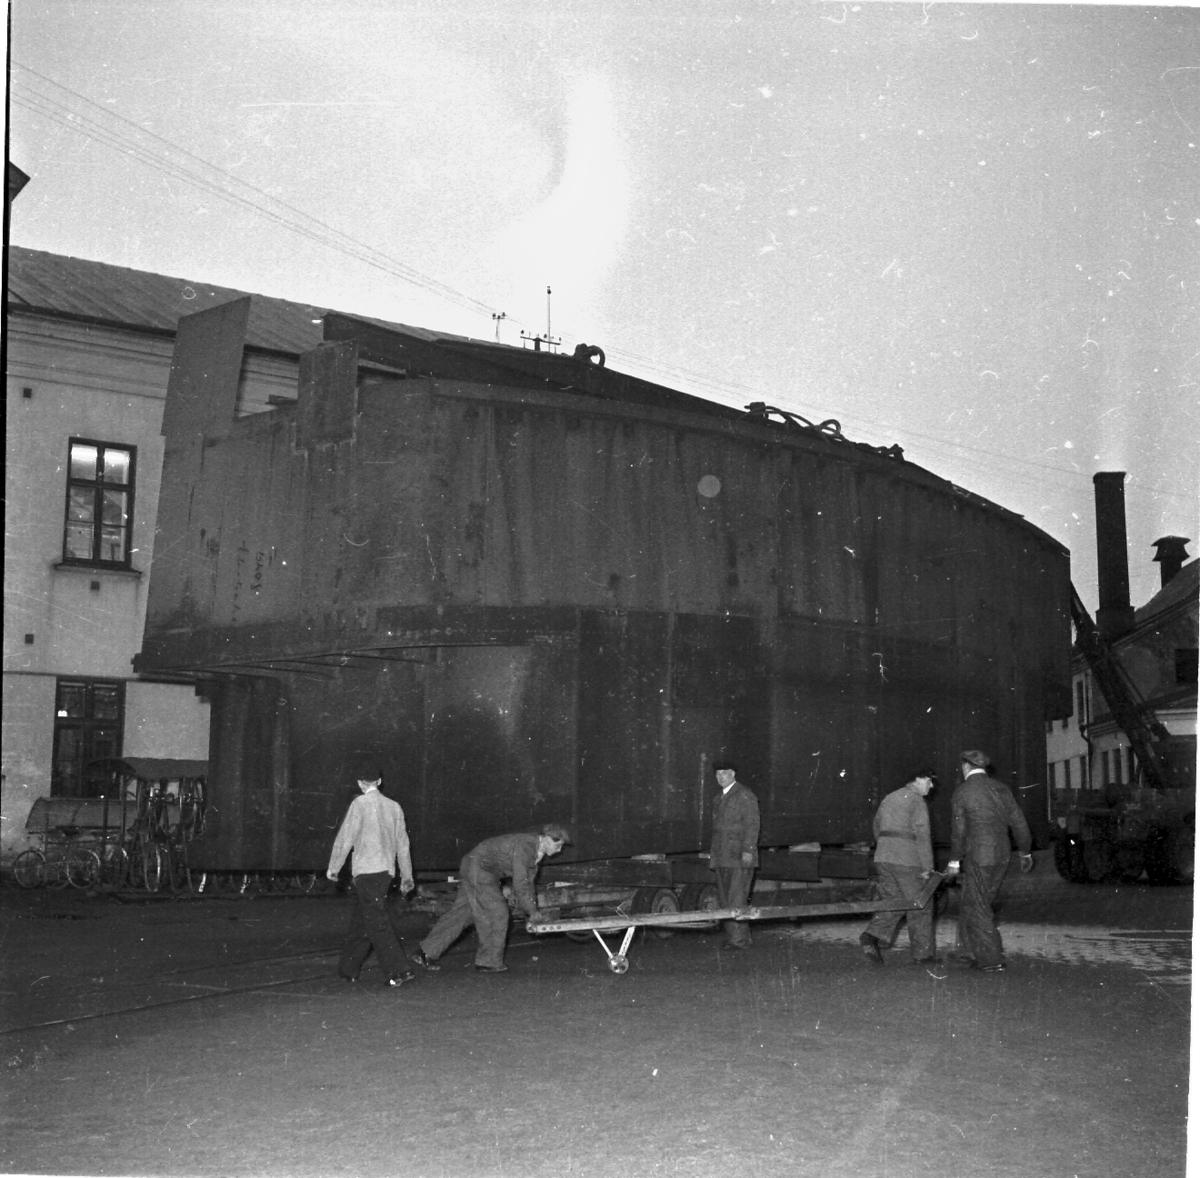 Fartyg: THULE                           Övrigt: Isbrytaren Thule, transport av däckhus.